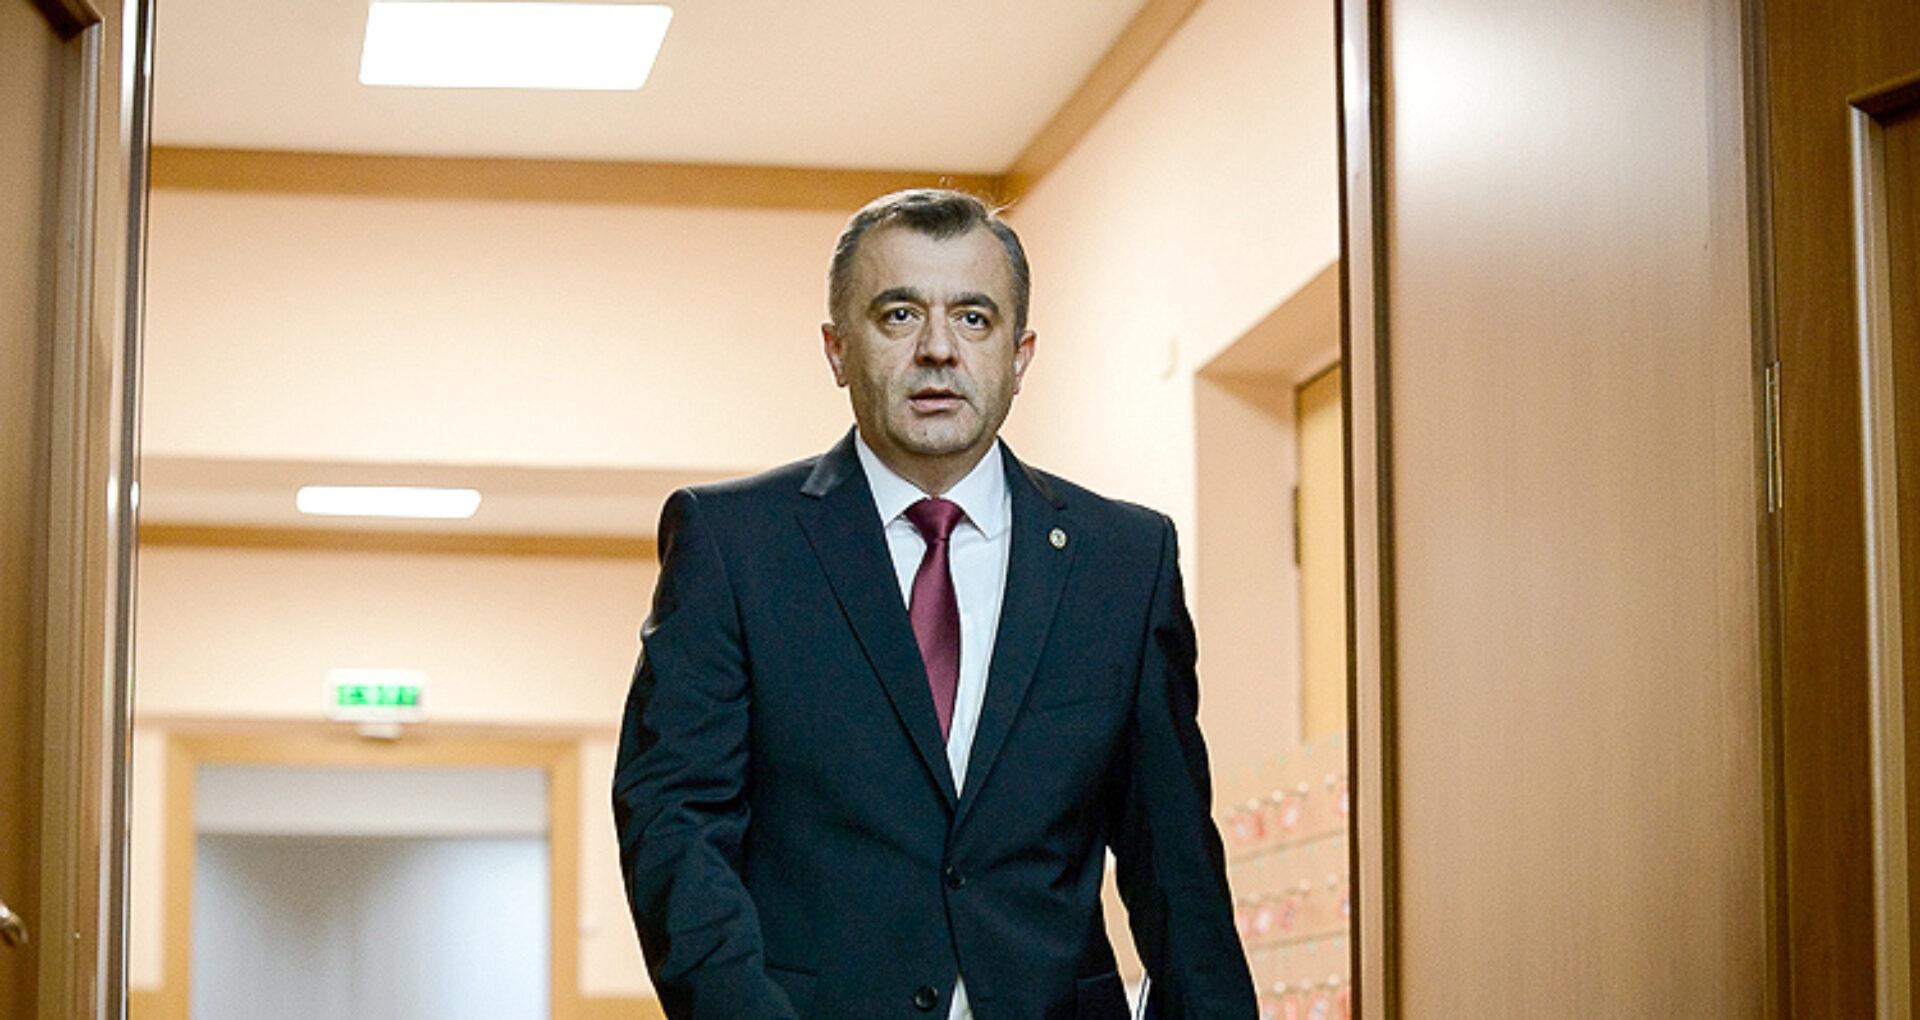 """Ion Chicu, îndemnat să renunțe la cetățenia română. Reacțiile provocate după ce a scris despre """"băiețași români ratați"""", cu referire la un europarlamentar"""